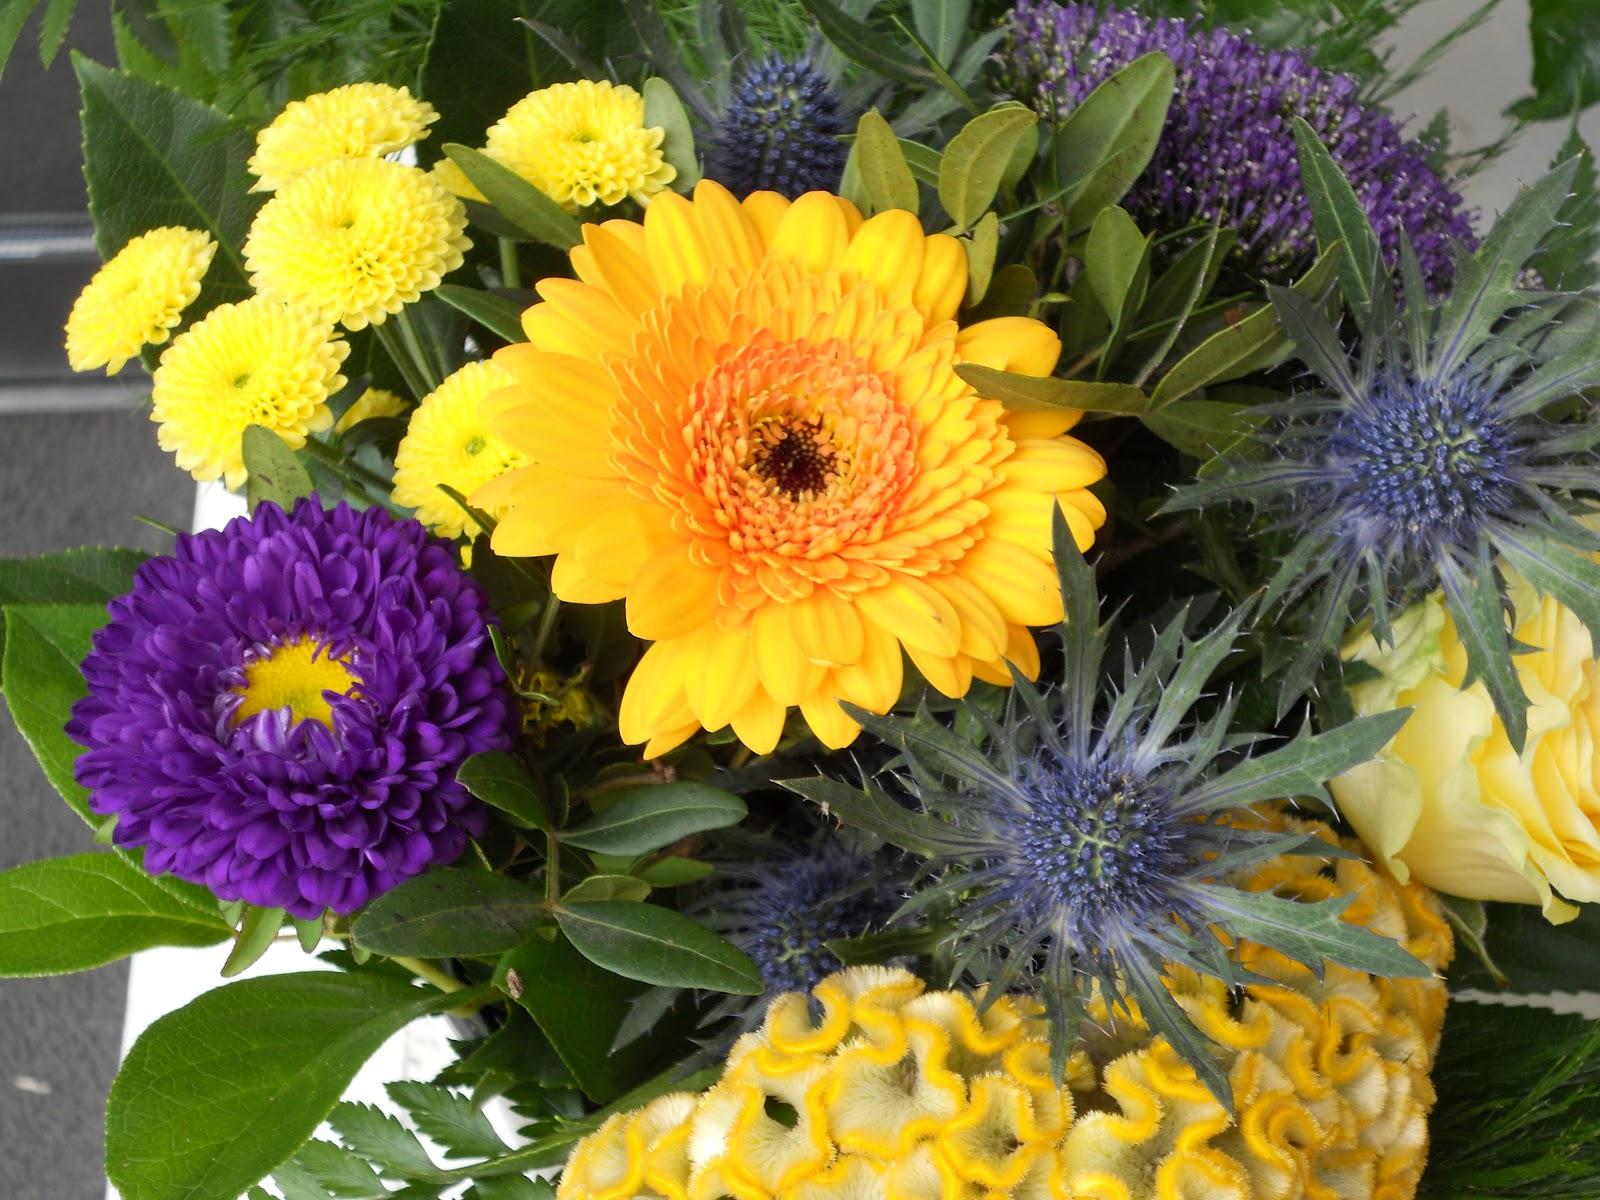 Jardineria eladio nonay eladio nonay da la bienvenida al - Jardineria eladio nonay ...